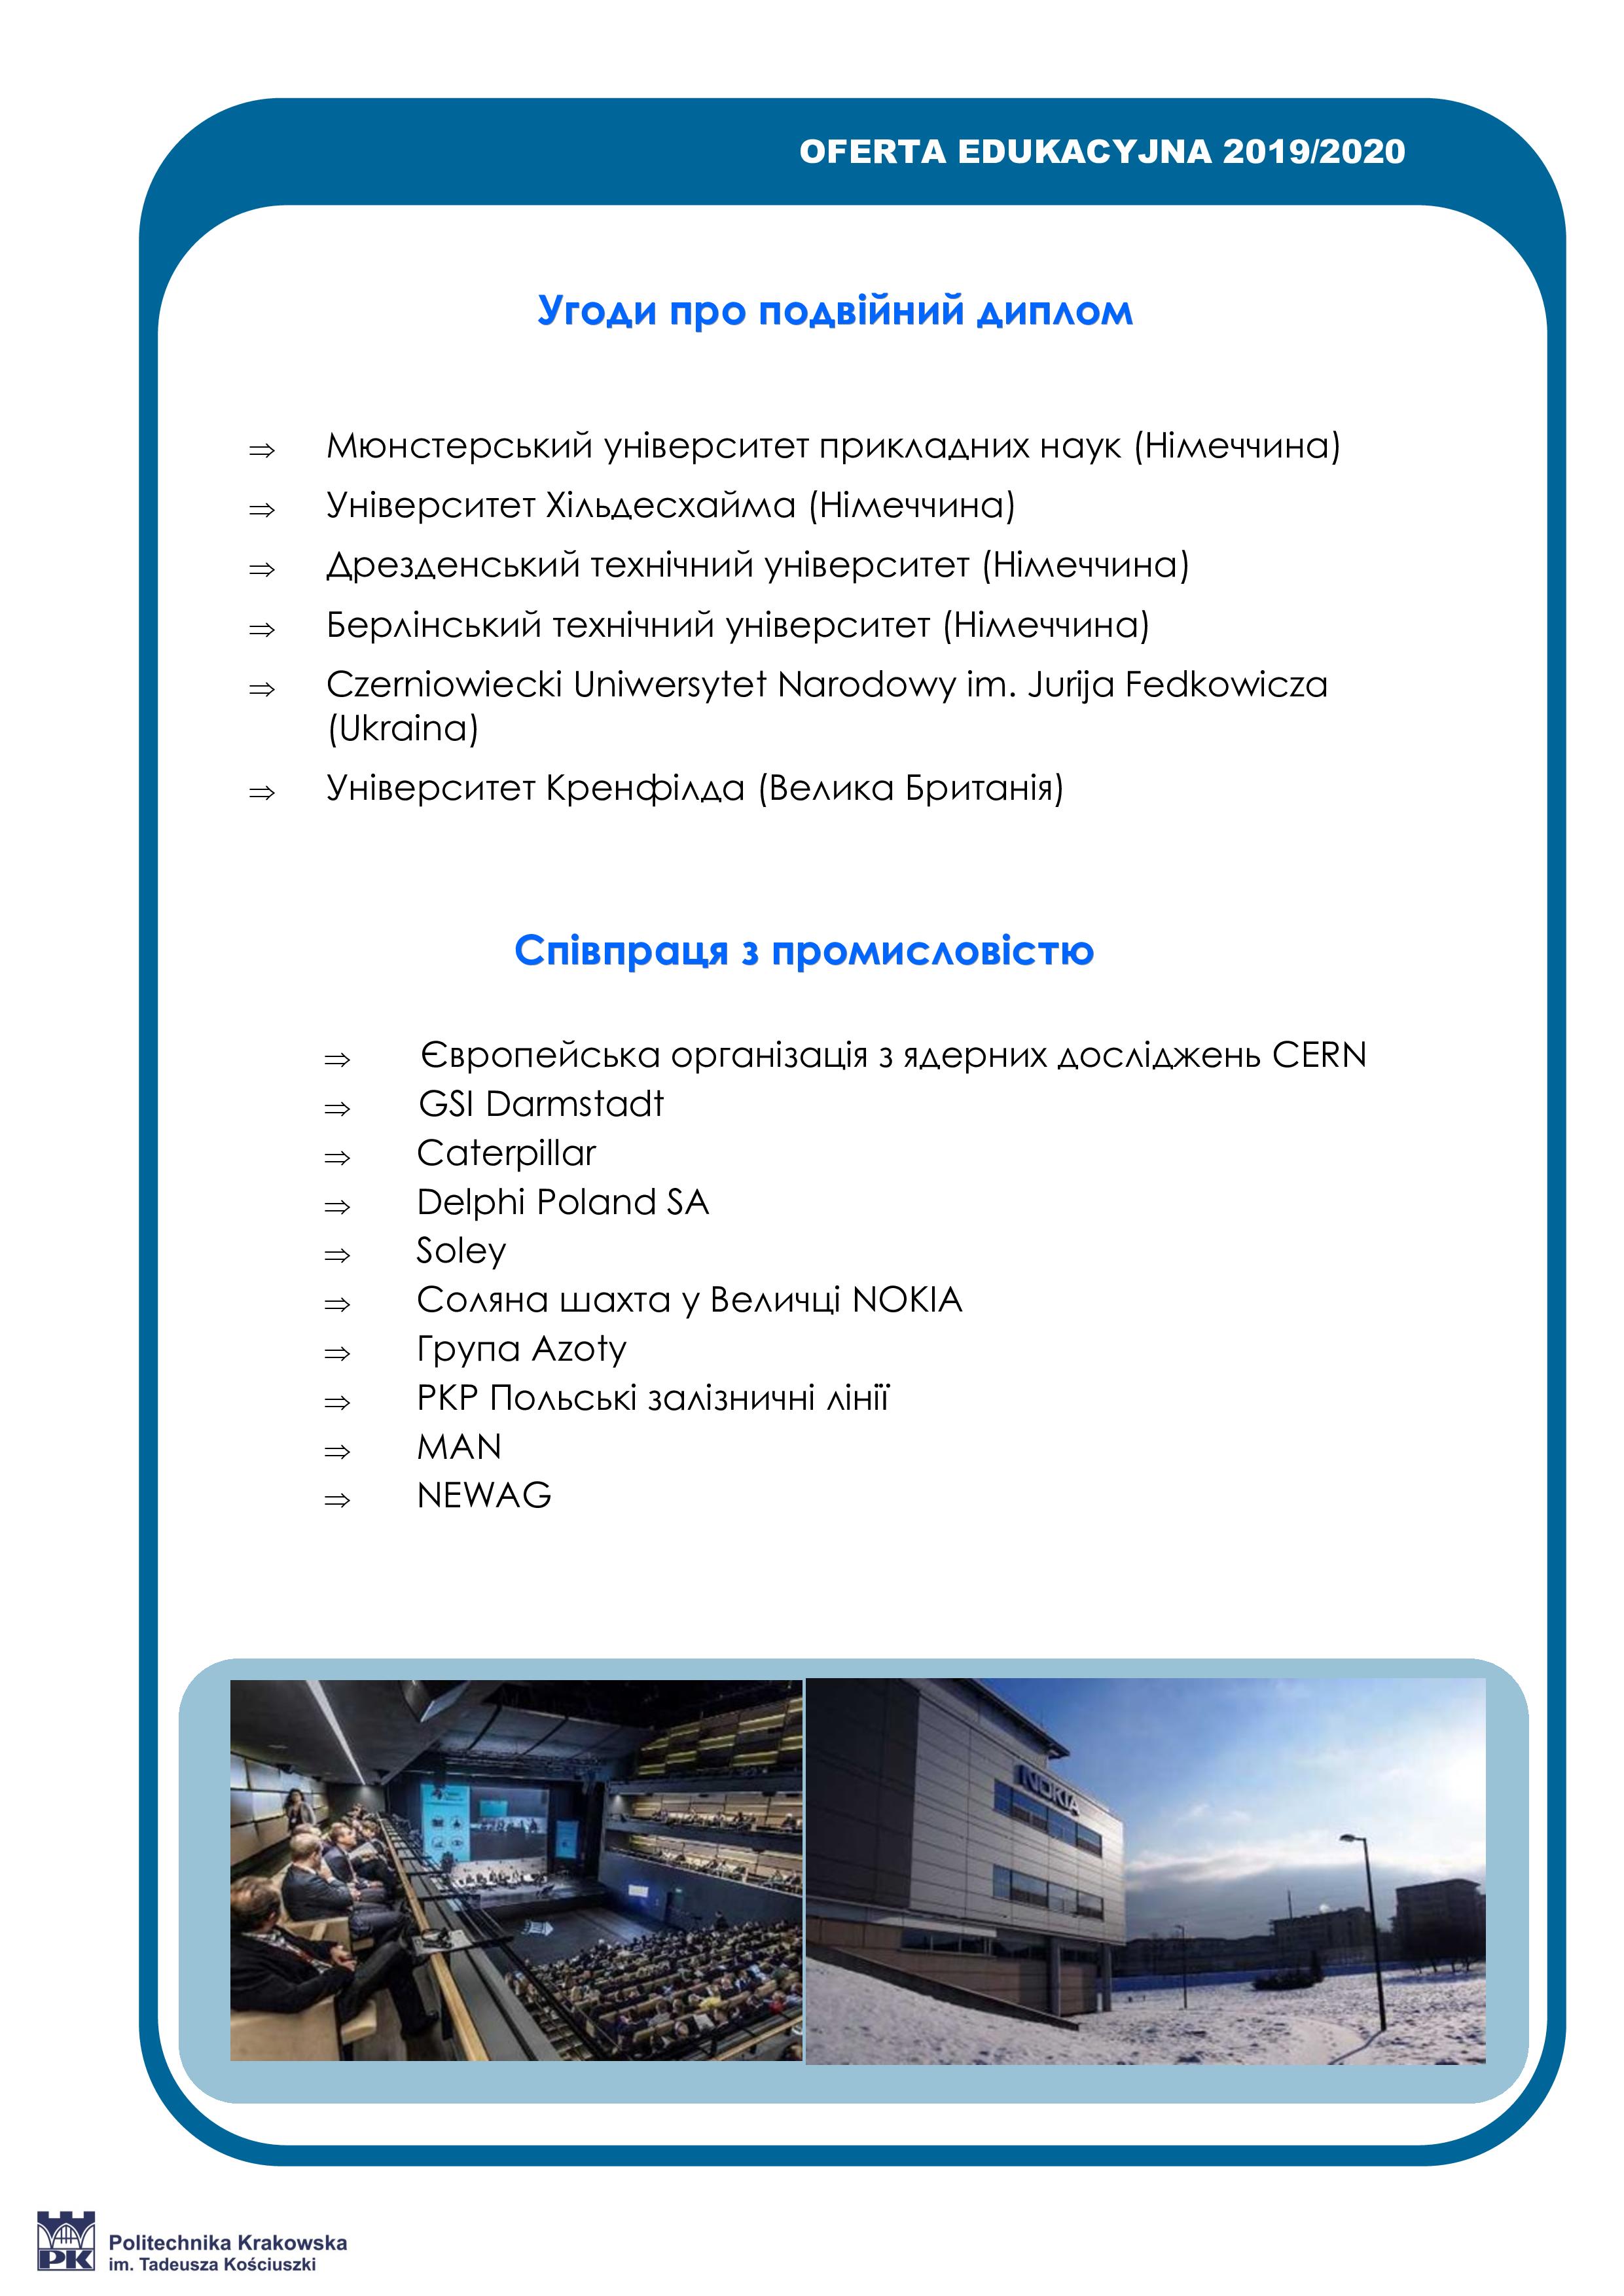 Краківський технологічний університет